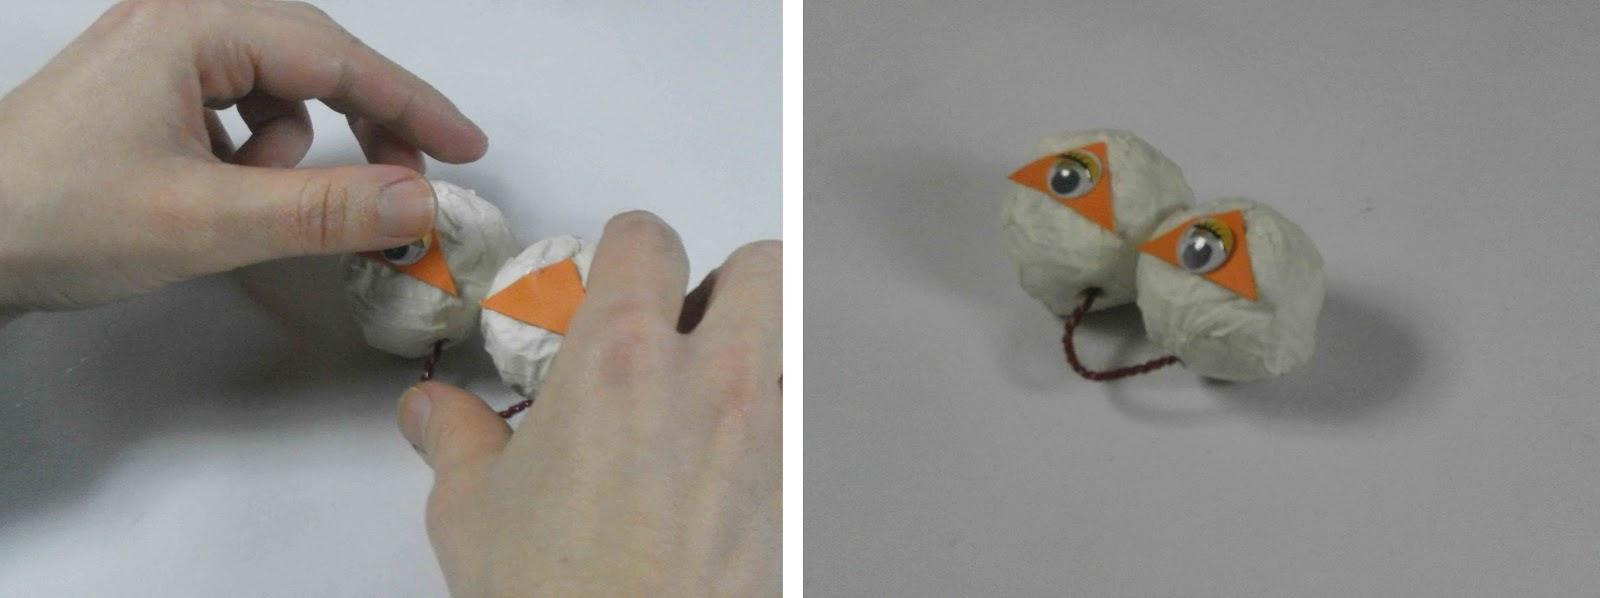 Manualidades herme c mo hacer una marioneta de mano - Como hacer marionetas de mano ...